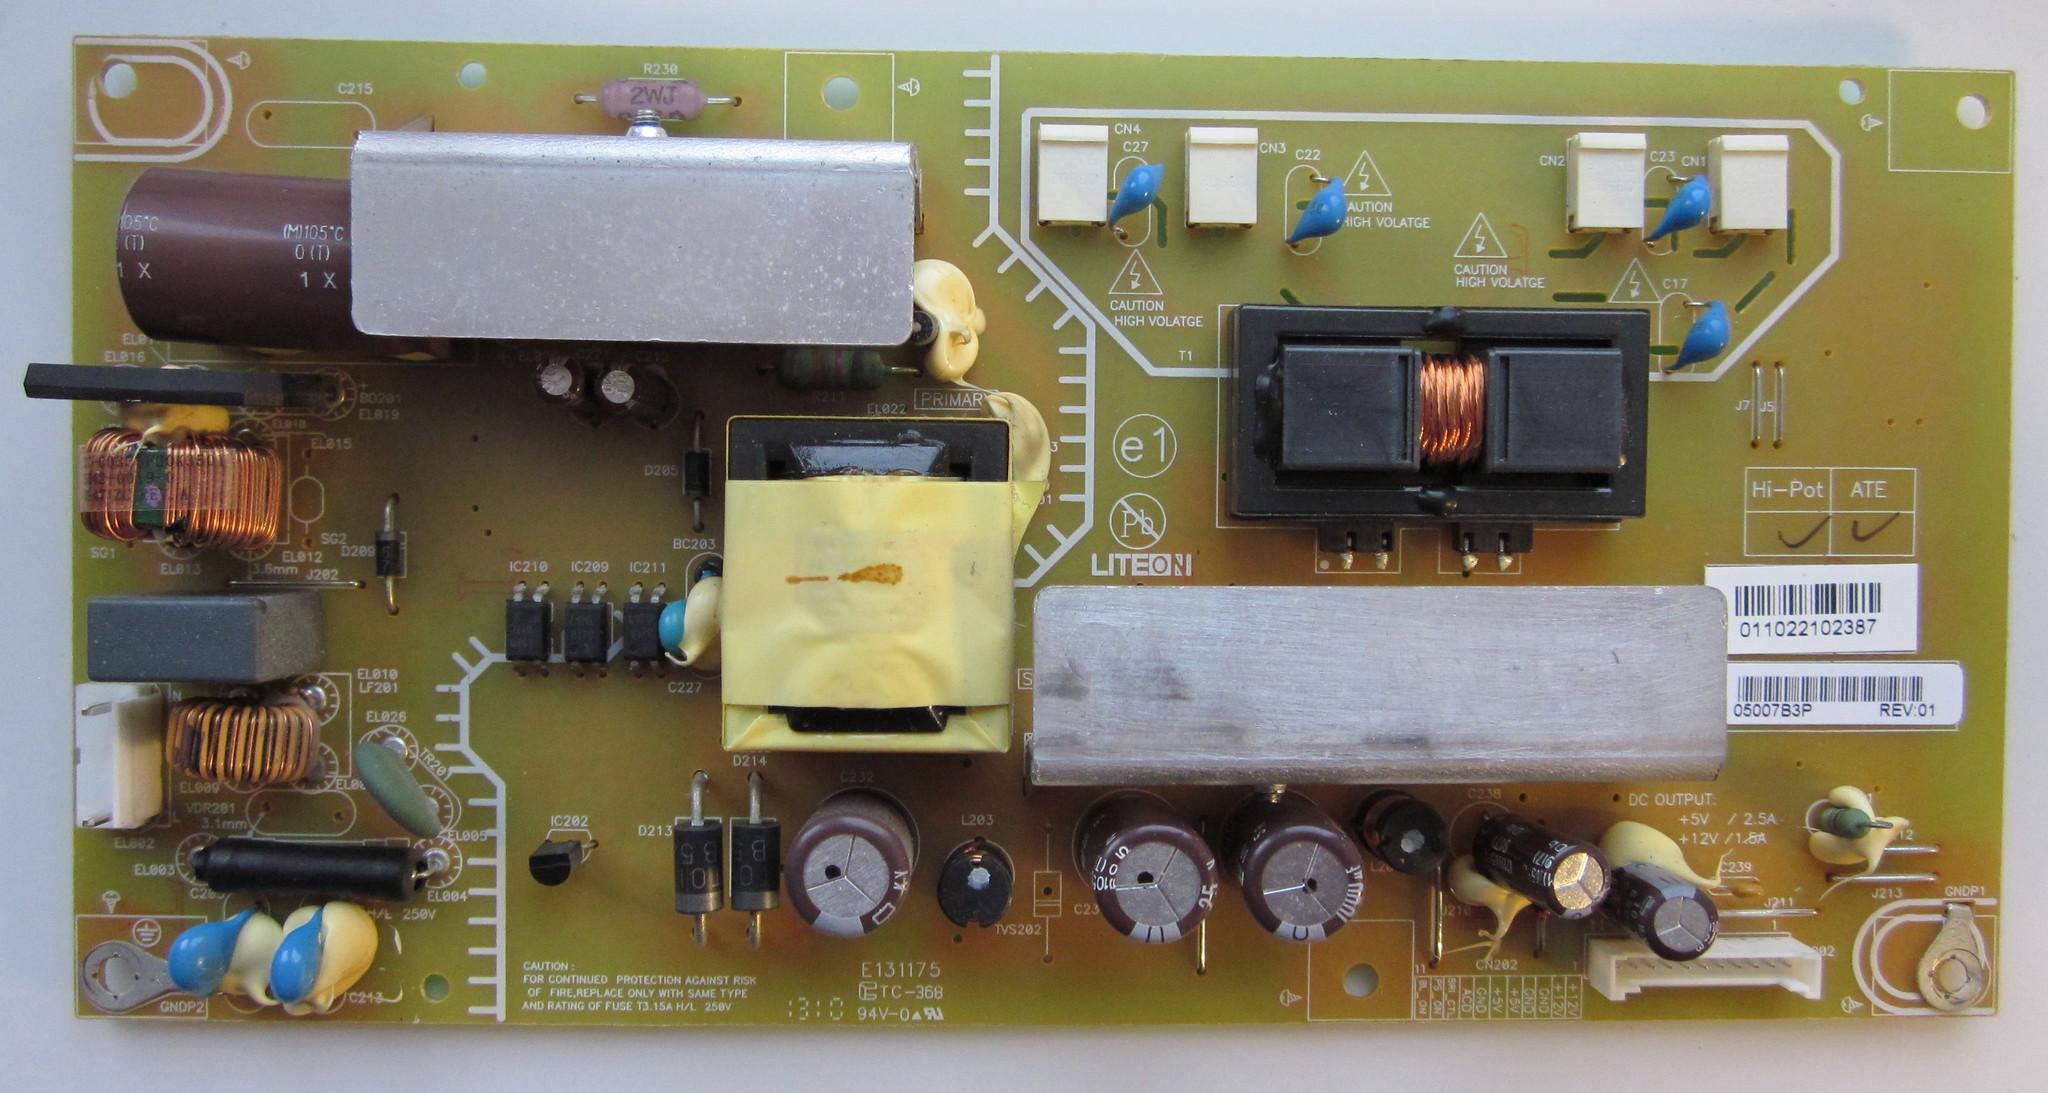 UE-2600-01UN-LF REV:A